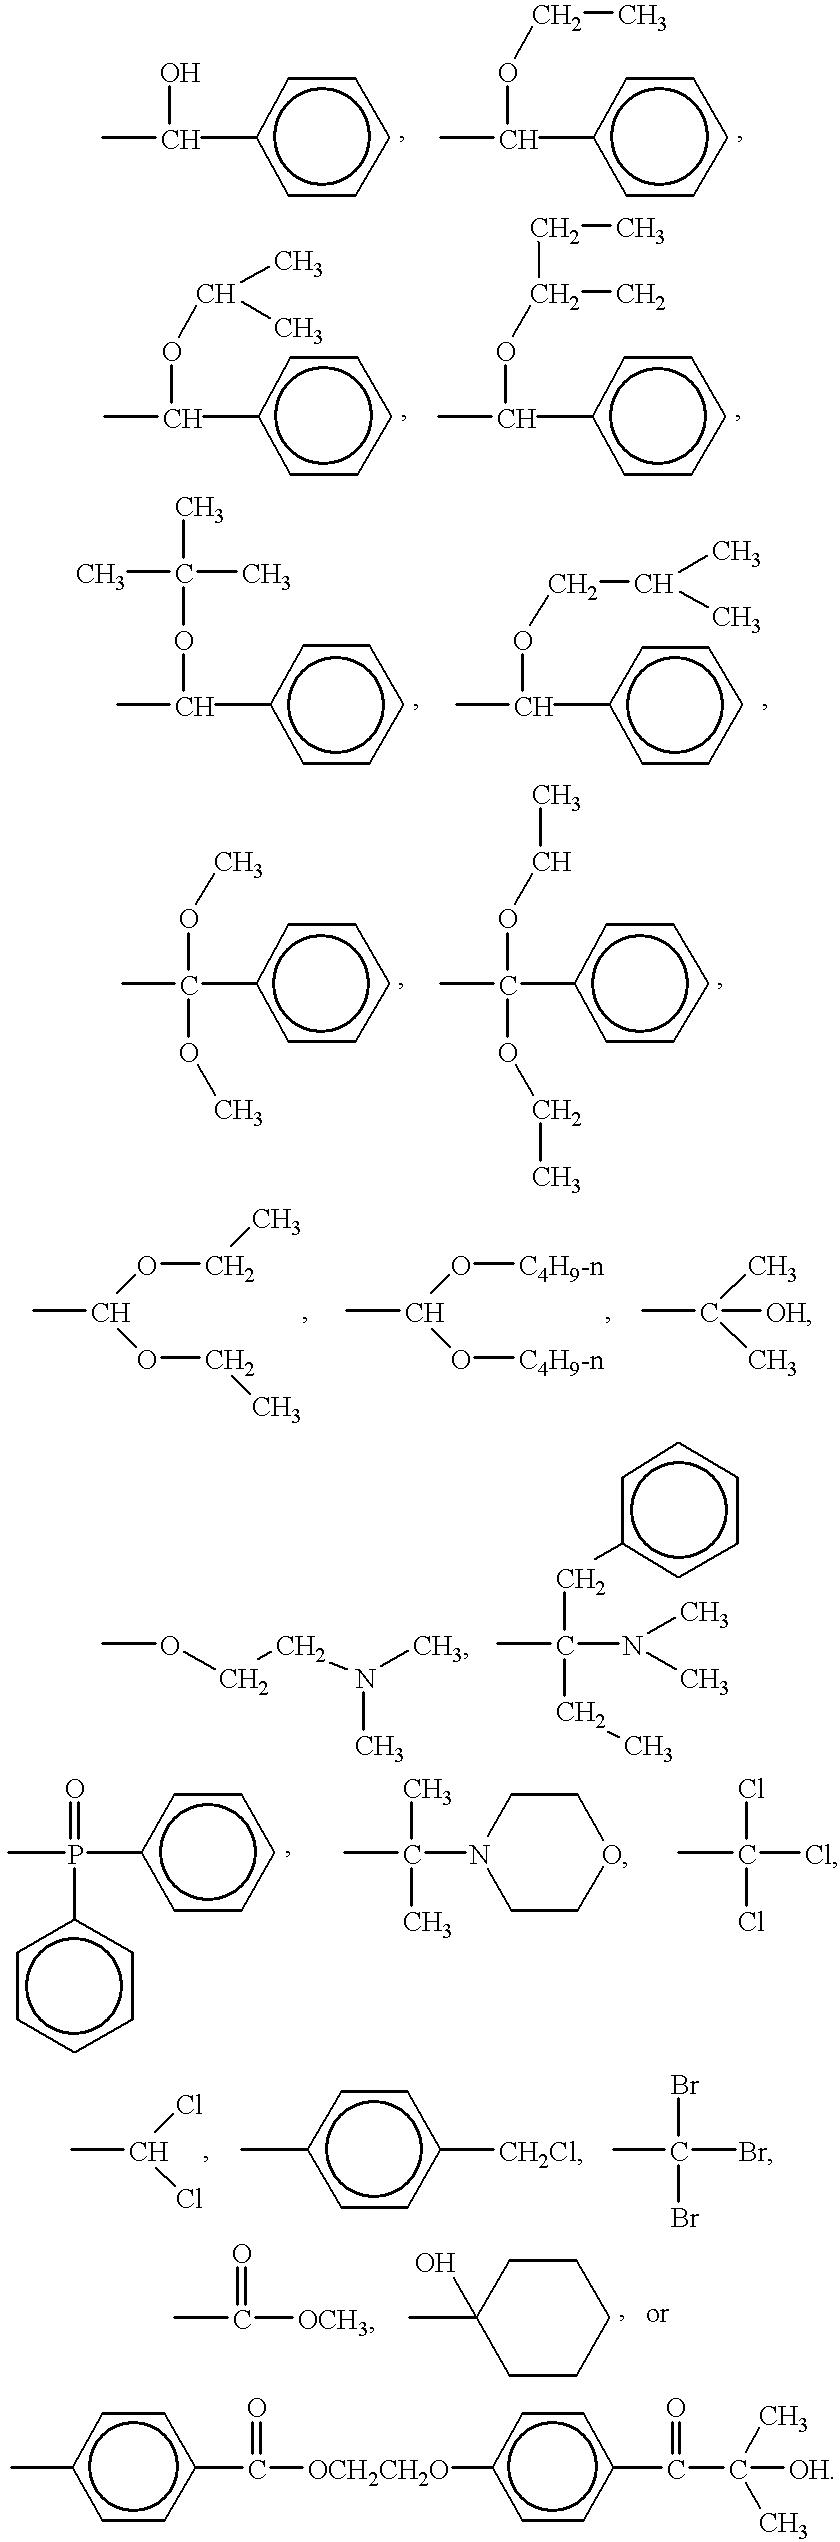 Figure US06242057-20010605-C00052